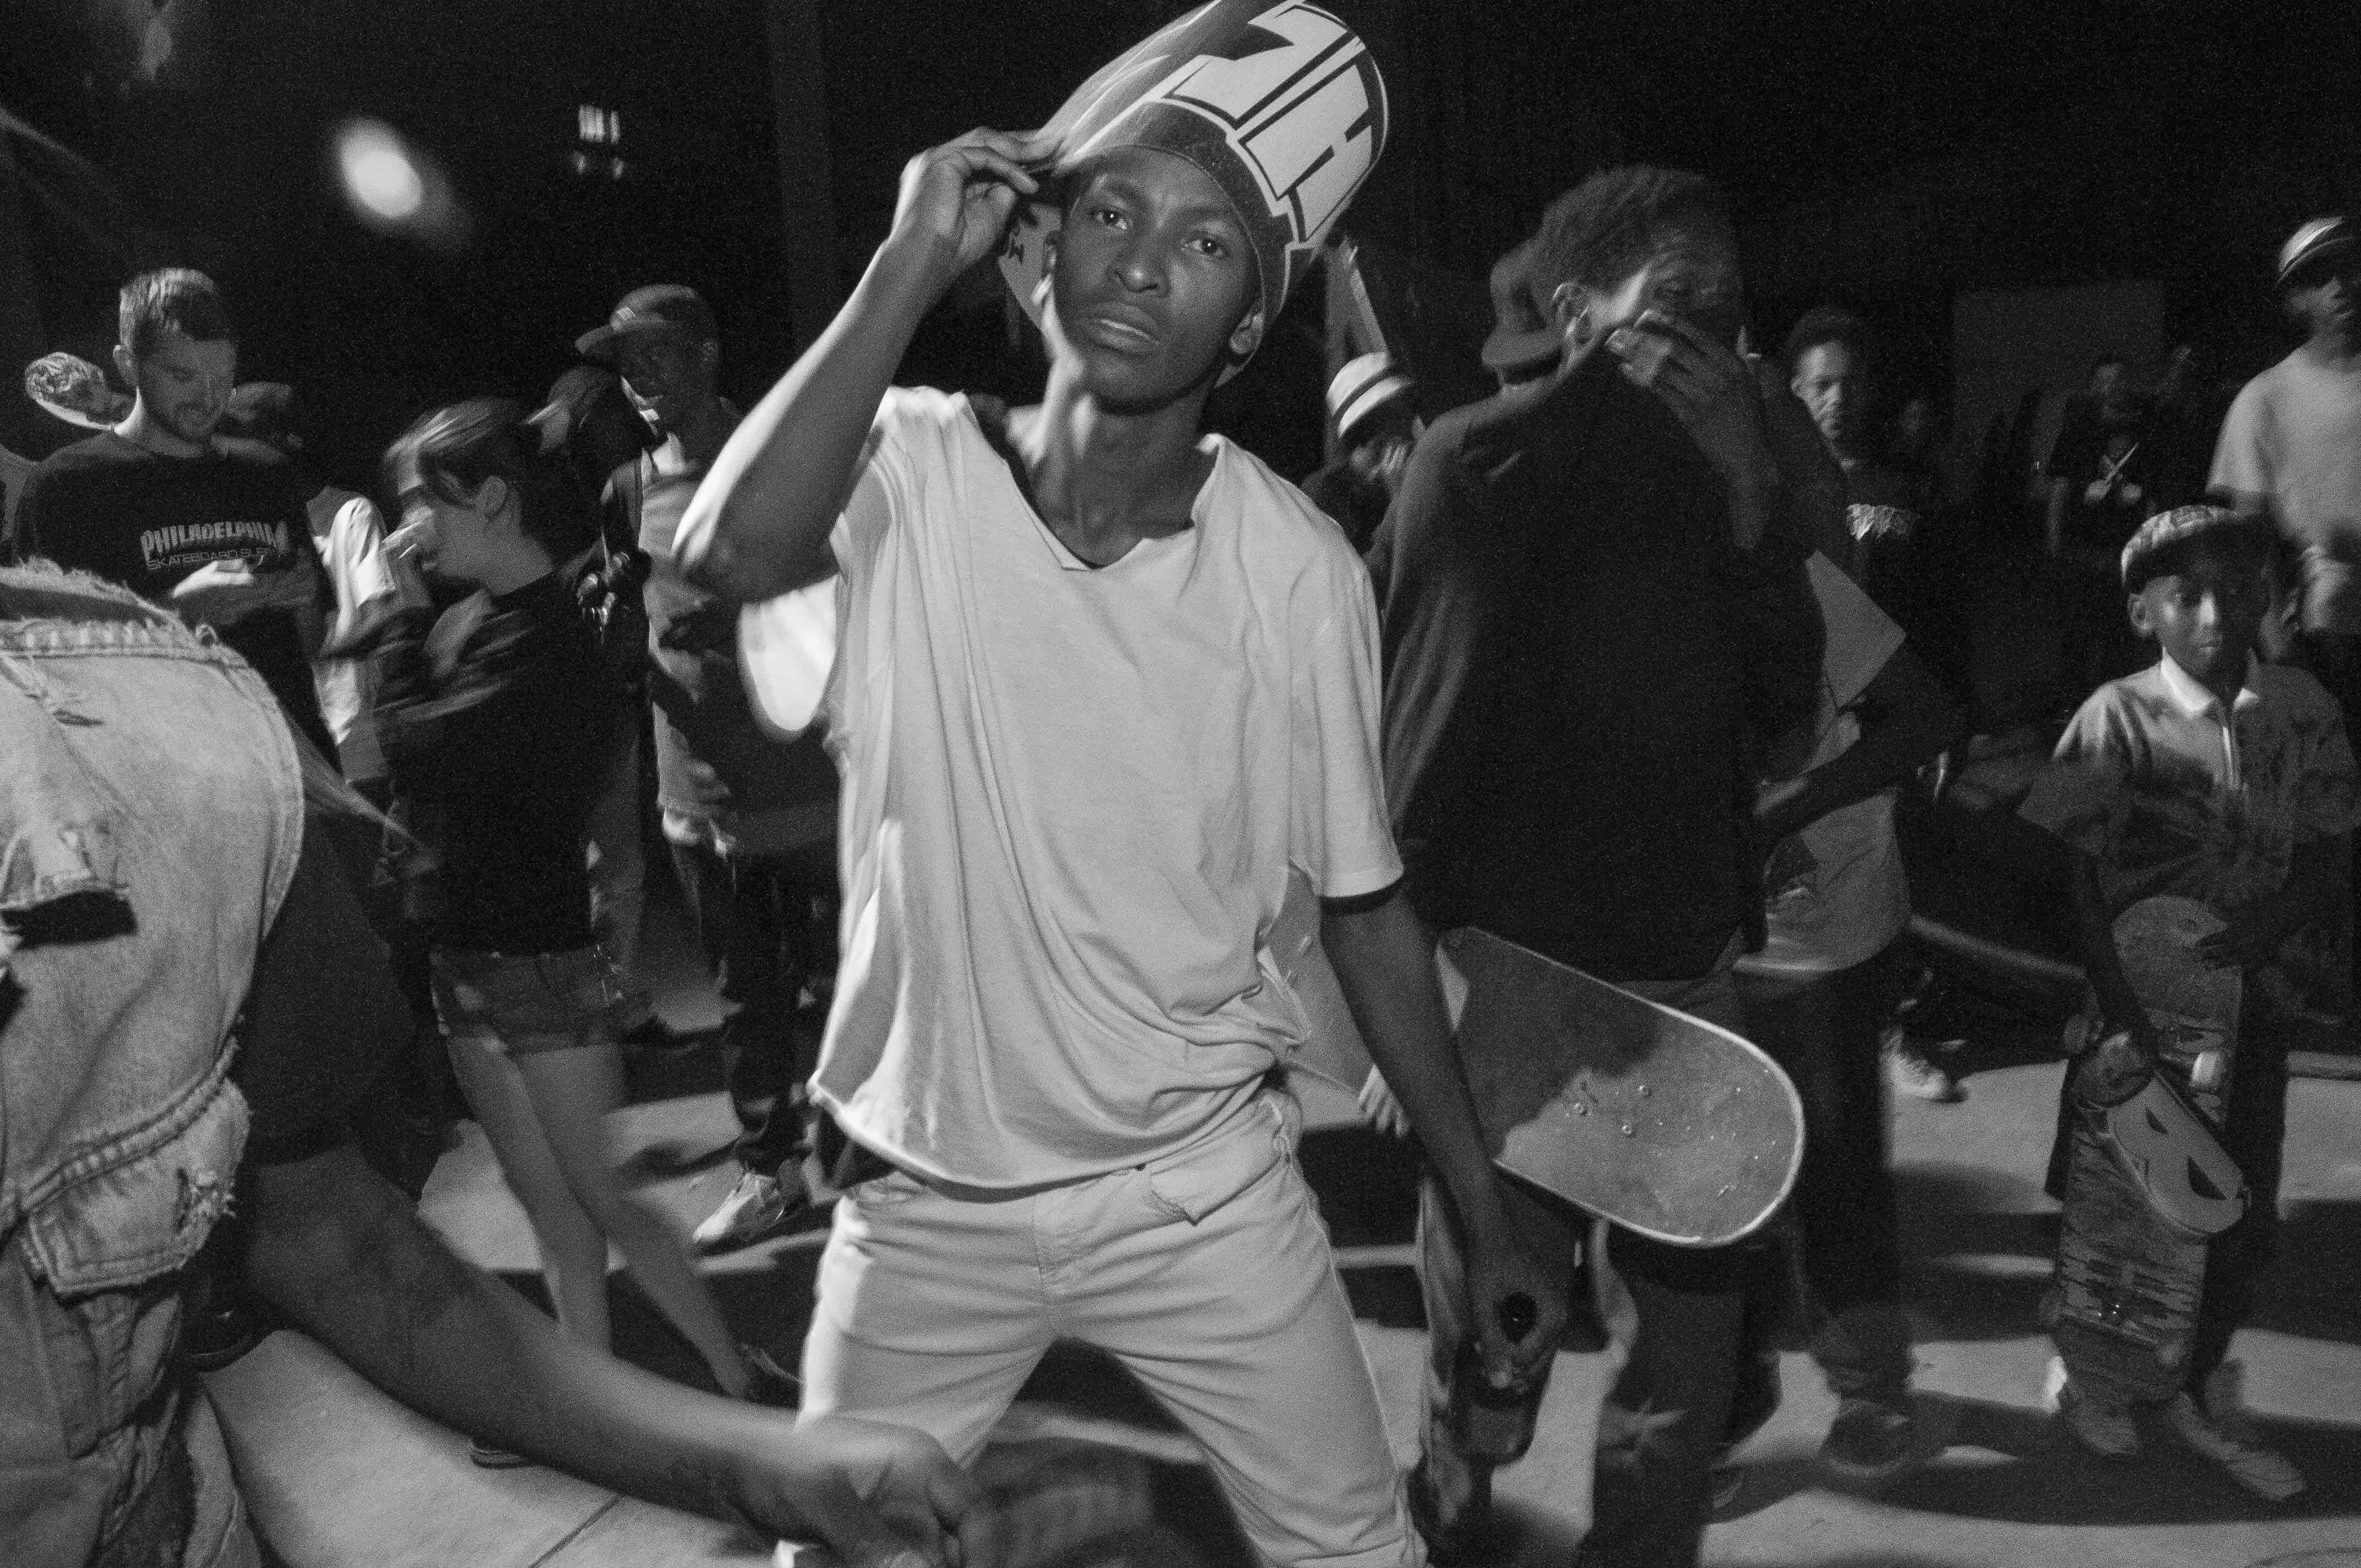 Supporters slam-dancing at the Thrasher Skate Rock show in Maboneng, Johannesburg. November 2015.